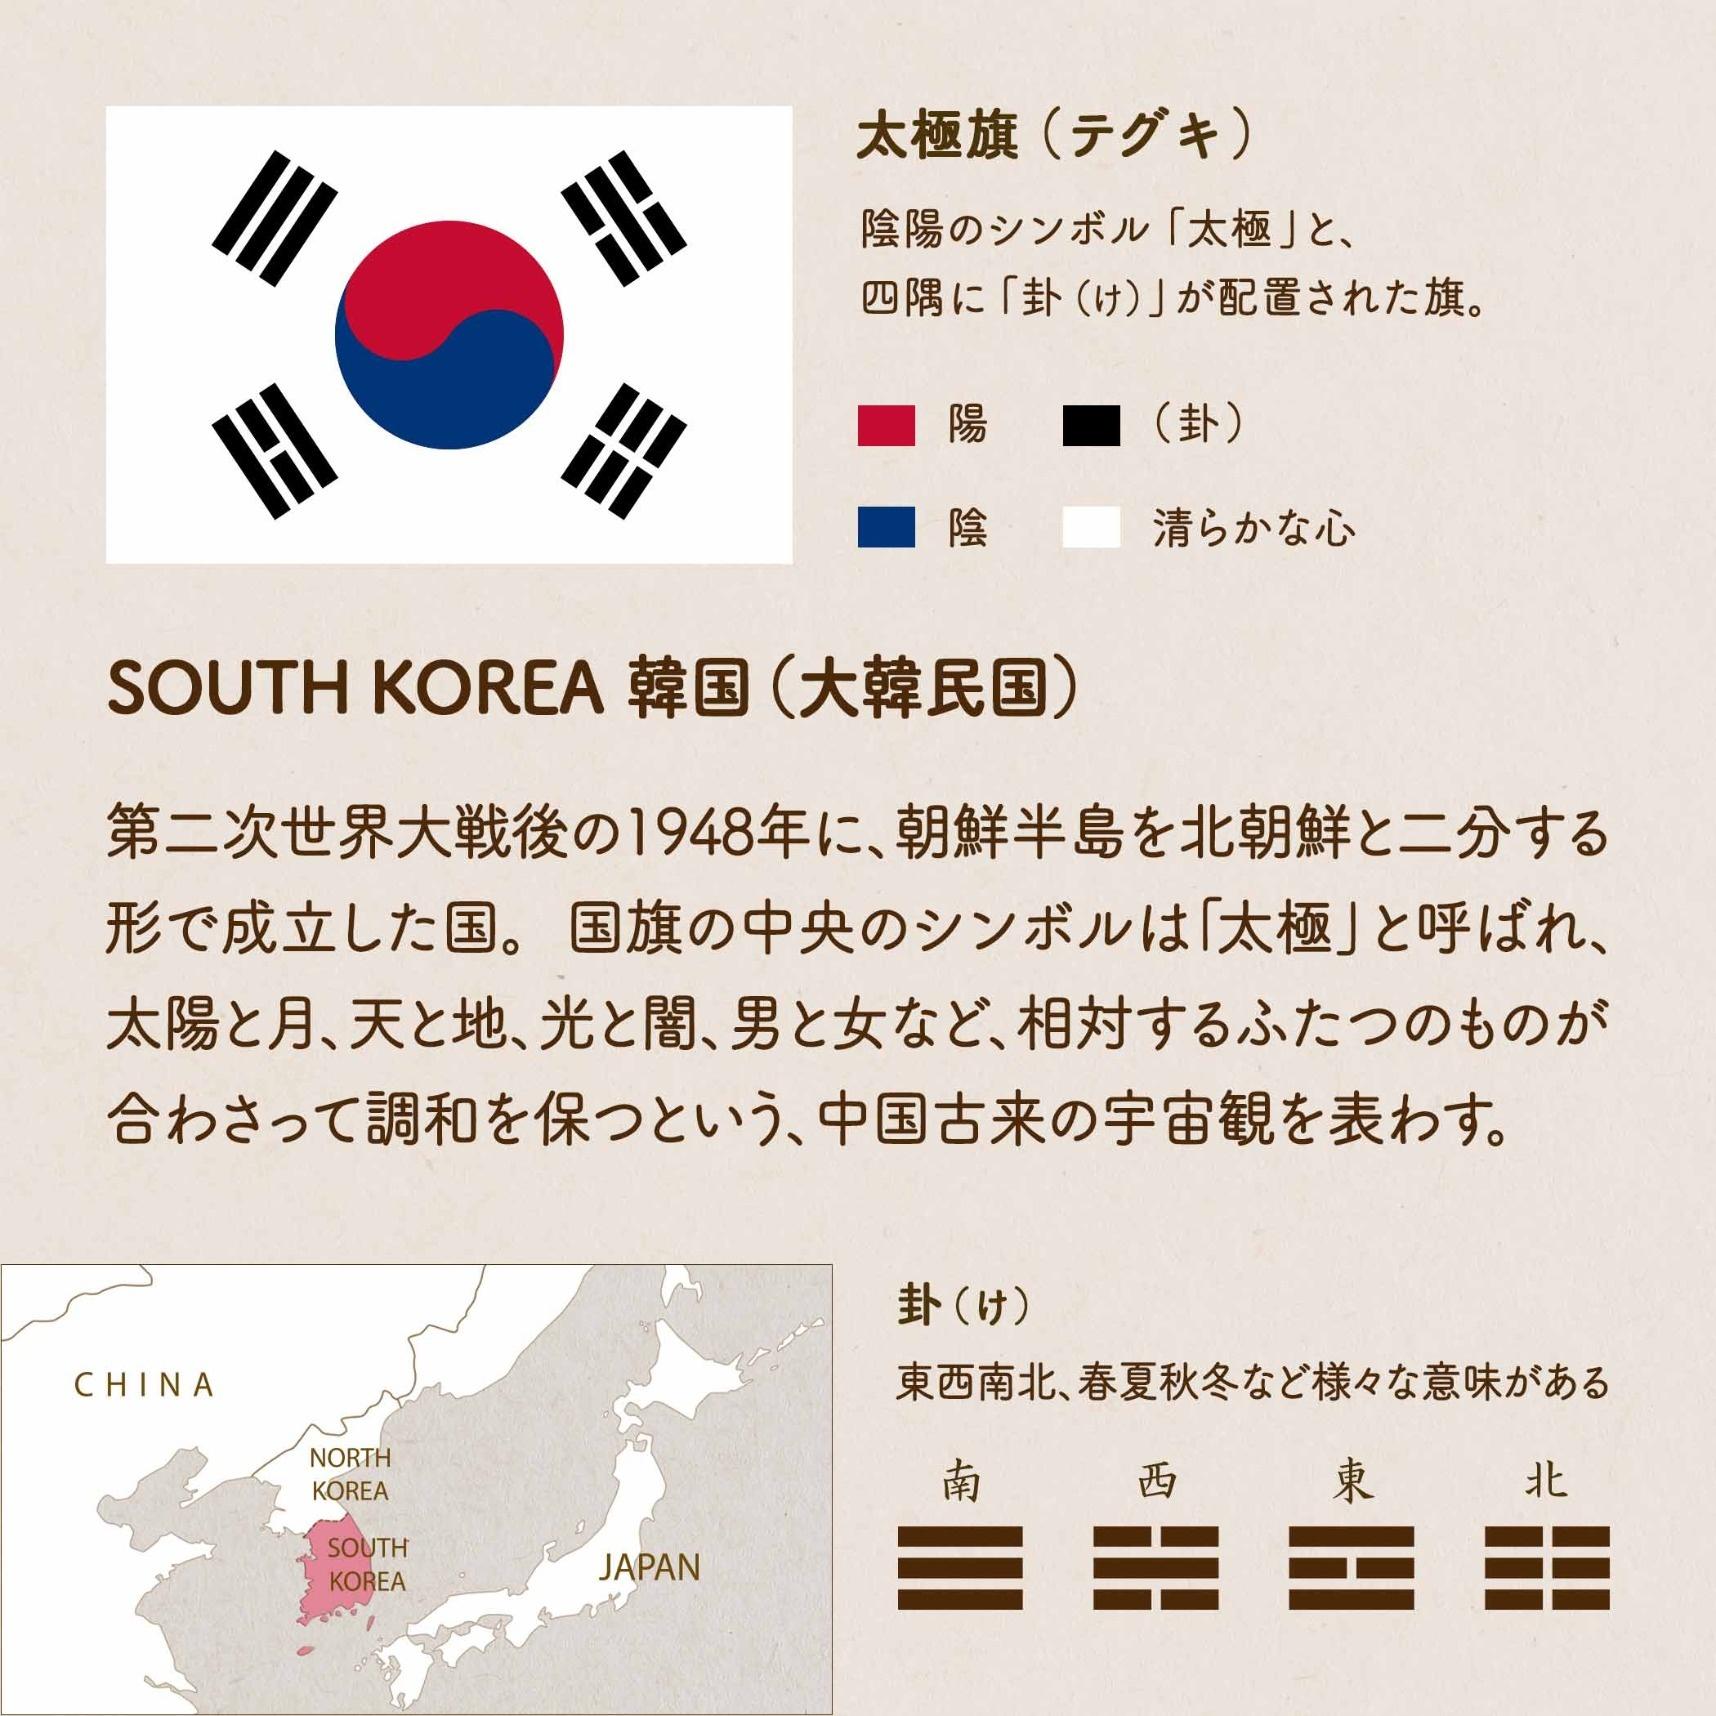 SOUTH KOREA/韓国(大韓民国)第二次世界大戦後の1948年に、朝鮮半島を北朝鮮と二分する形で成立した国。国旗の中央のシンボルは「太極」と呼ばれ、太陽と月、天と地、光と闇、男と女など、相対するふたつのものが合わさって調和を保つという、中国古来の宇宙観を表わす。太極旗(テグキ)/陰陽のシンボル「太極」と、四隅に「卦(け)」が配置された旗。赤=陽 青=陰 黒=(卦) 白=清らかな心 太極旗(テグキ)陰陽のシンボル「太極」と、四隅に「卦(け)」が配置された旗。太極と卦(け)/東西南北、春夏秋冬など様々な